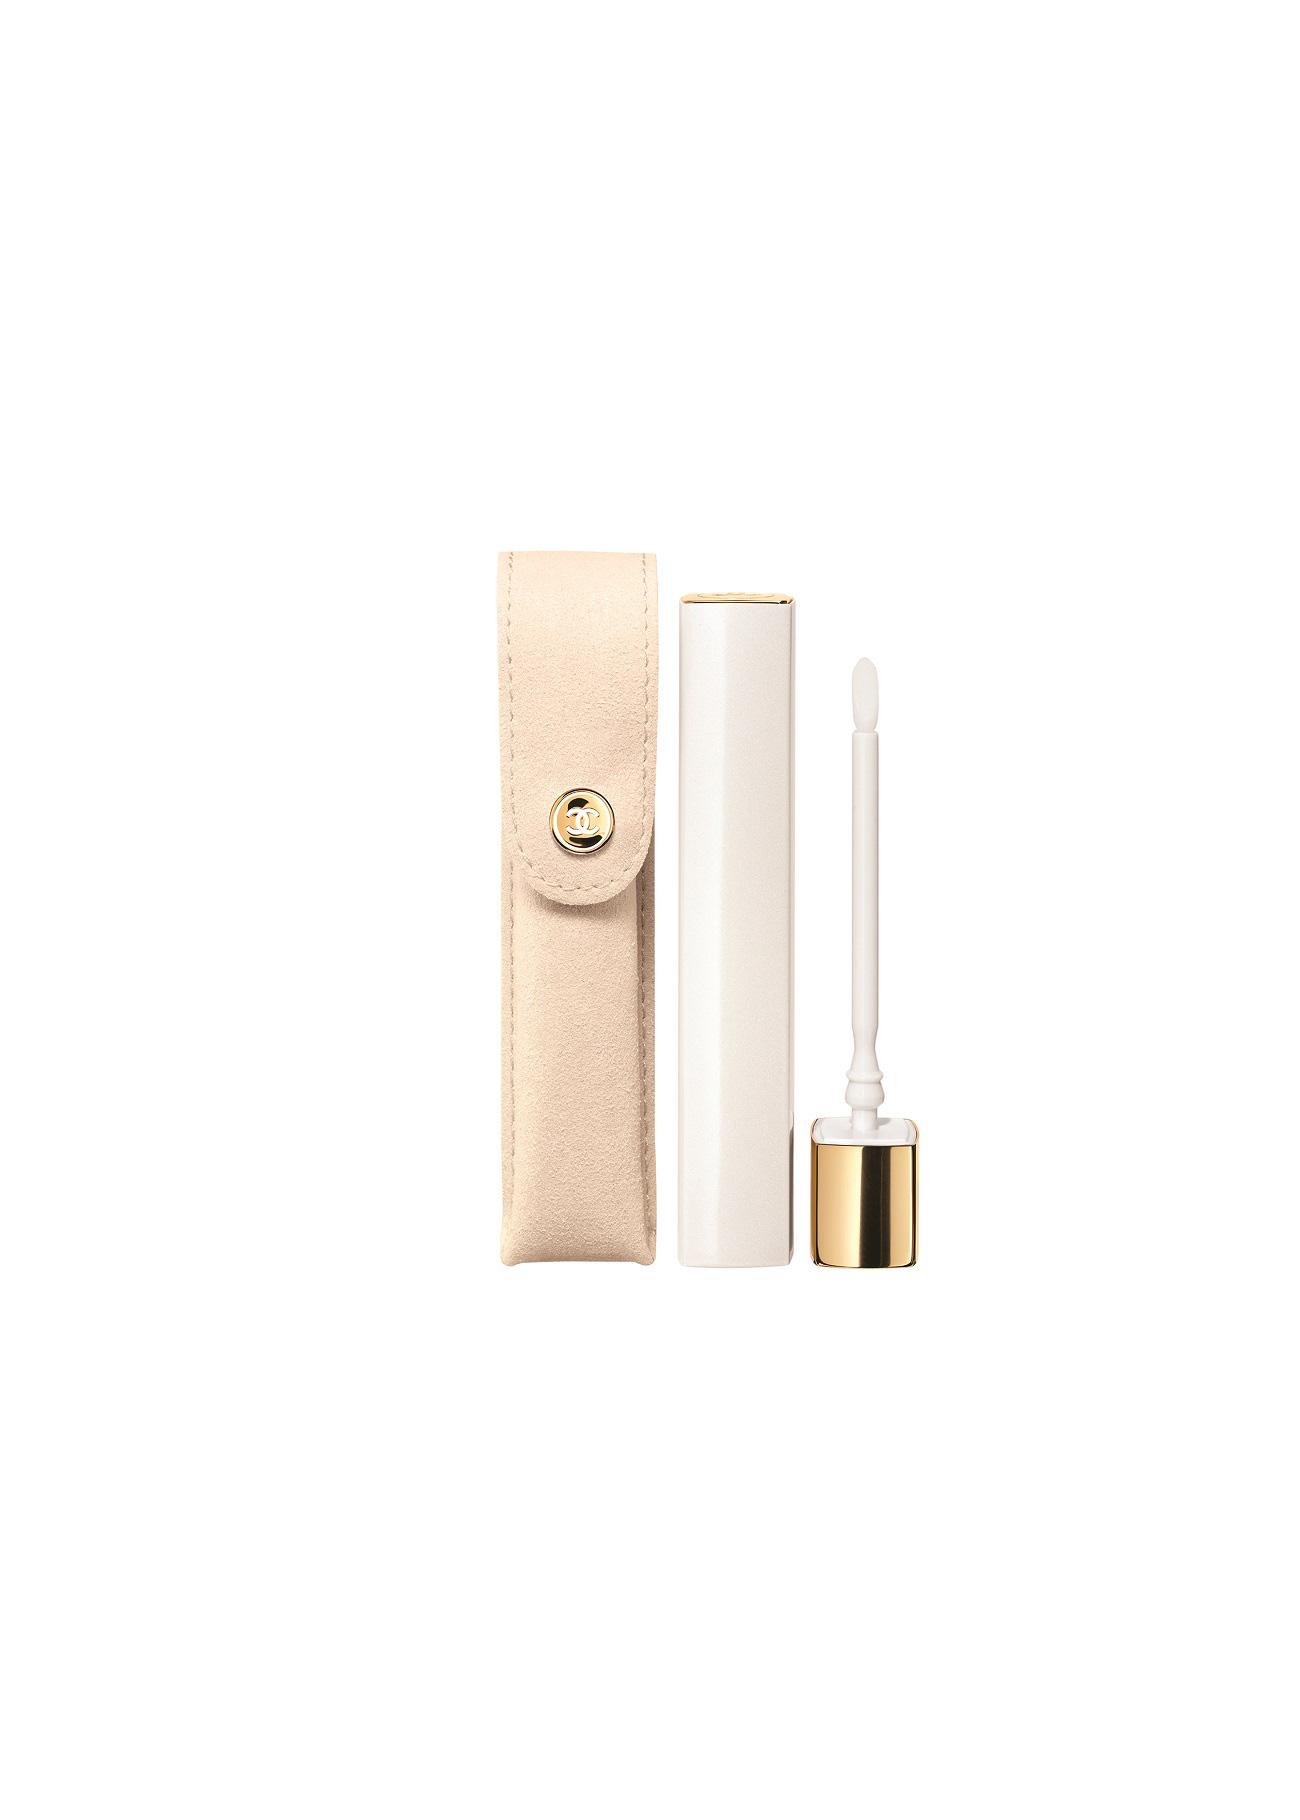 Coco Mademoiselle Touche Parfum, de Chanel